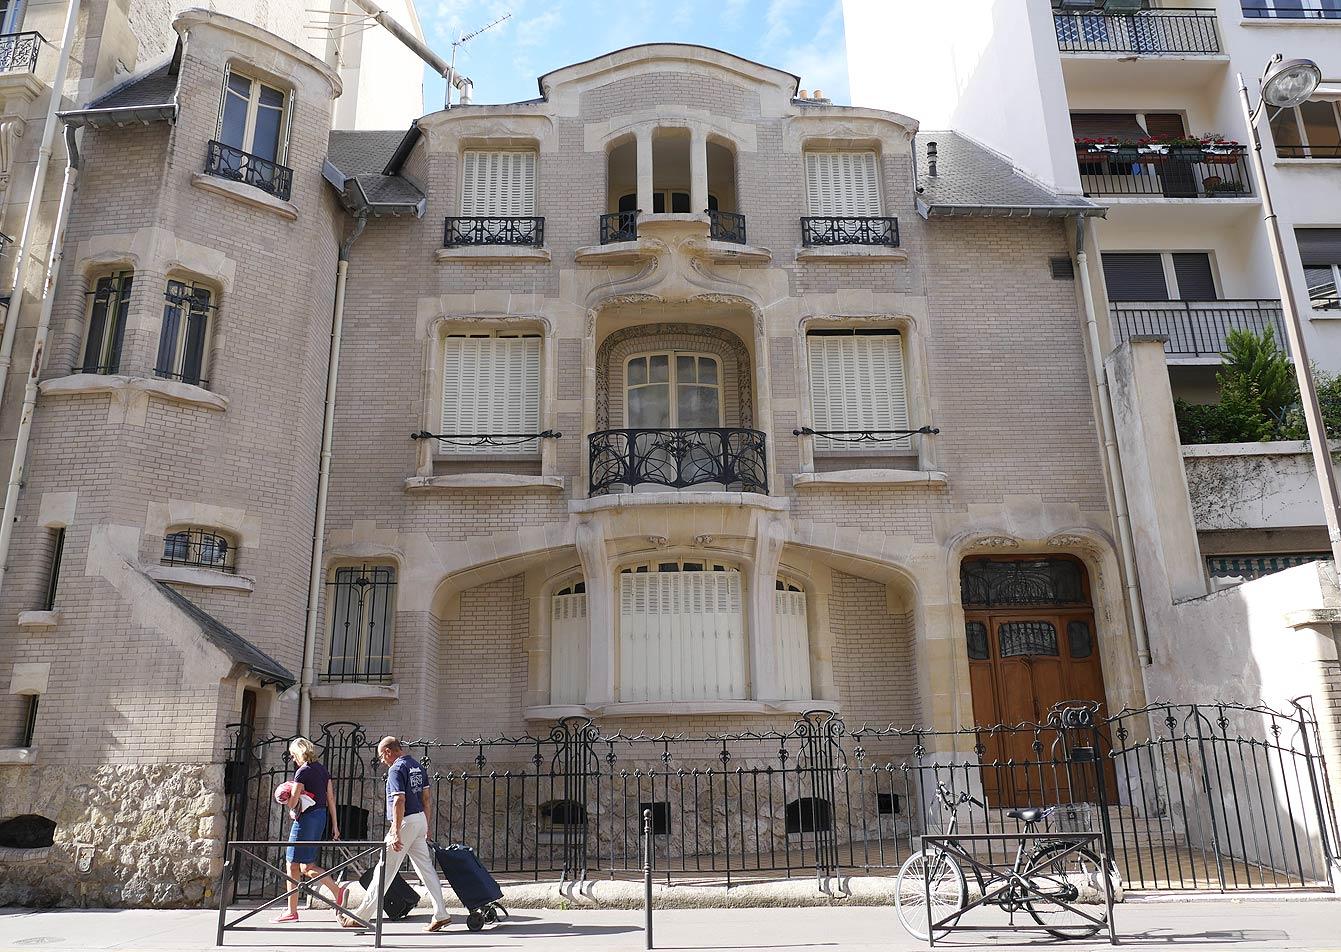 l'hôtel Mezzara, Paris 16e